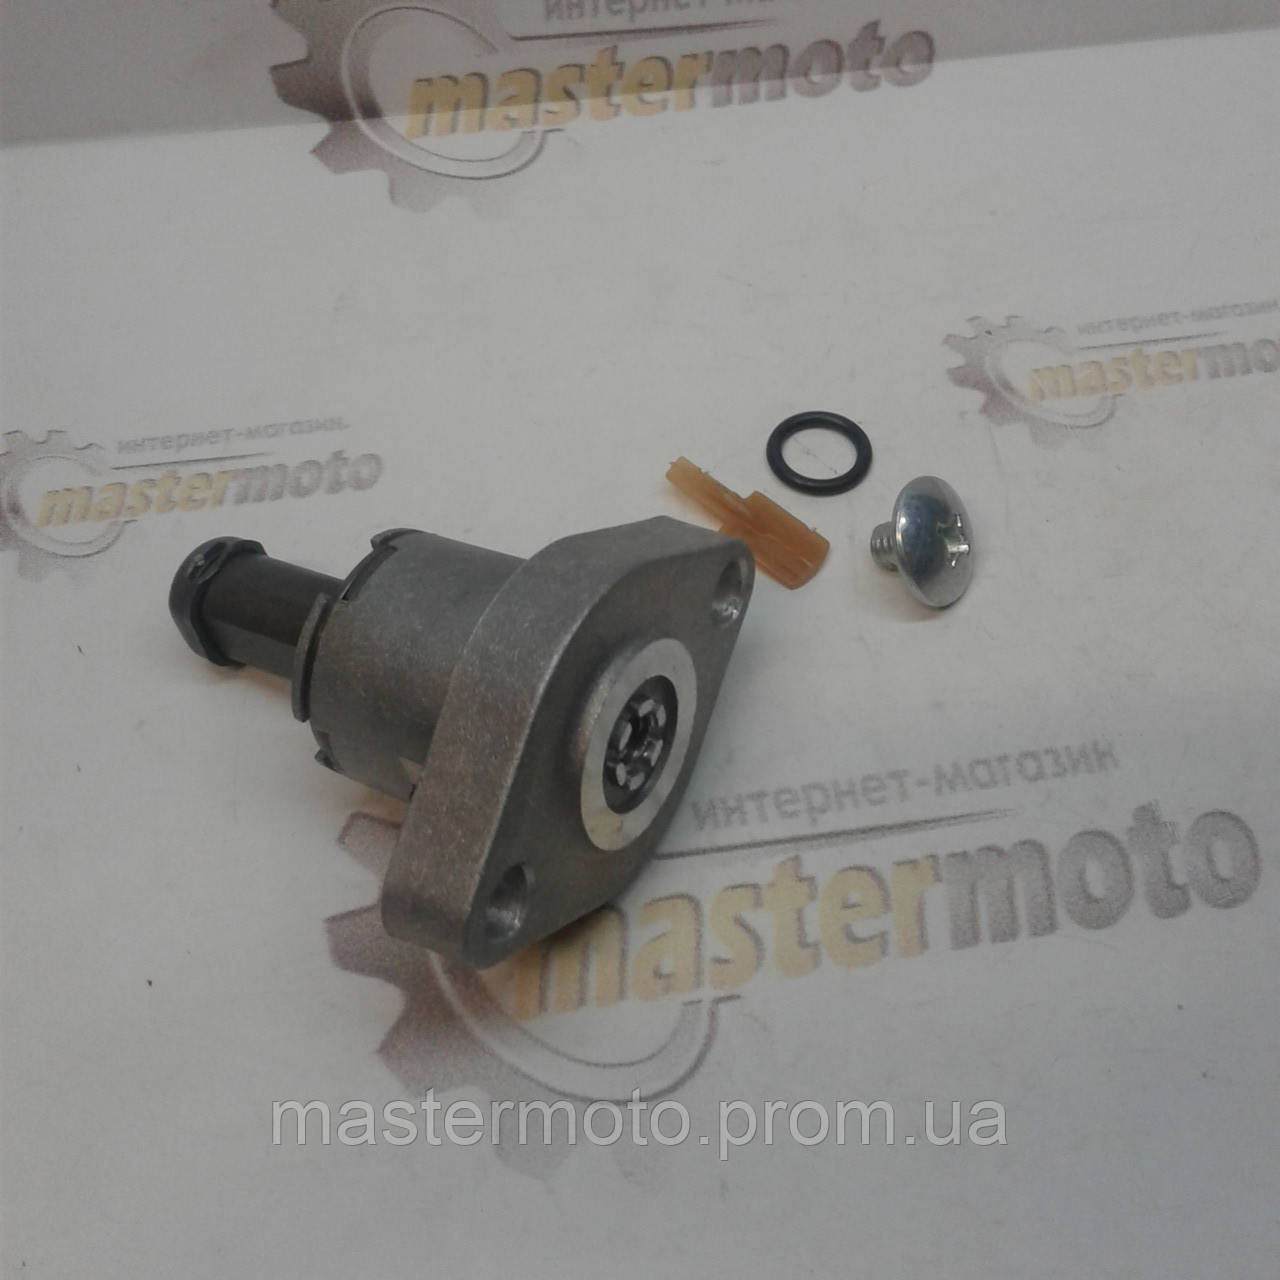 Натягувач ланцюга ГРМ 4Т GY6 125/150 Mototech